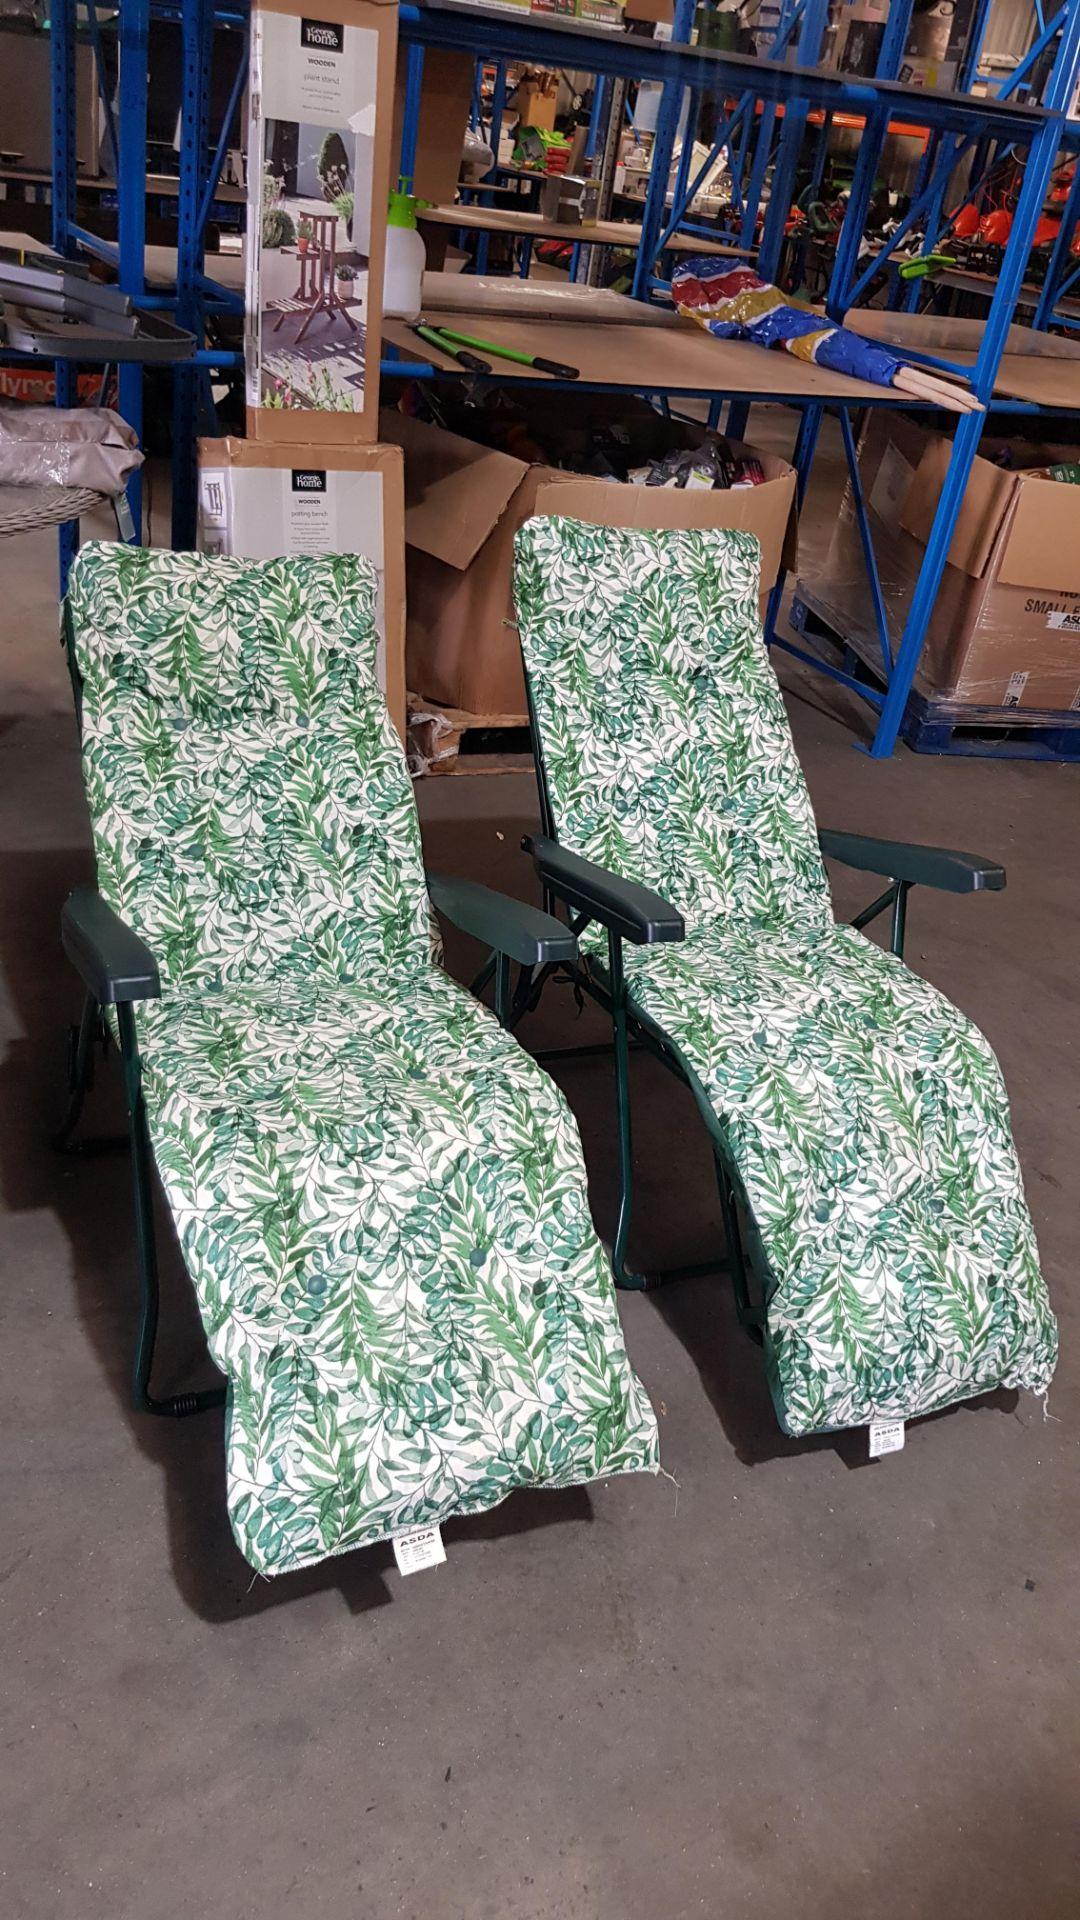 (3A) 2x Fern Pattern Green Reclining Garden Chair. - Image 4 of 4